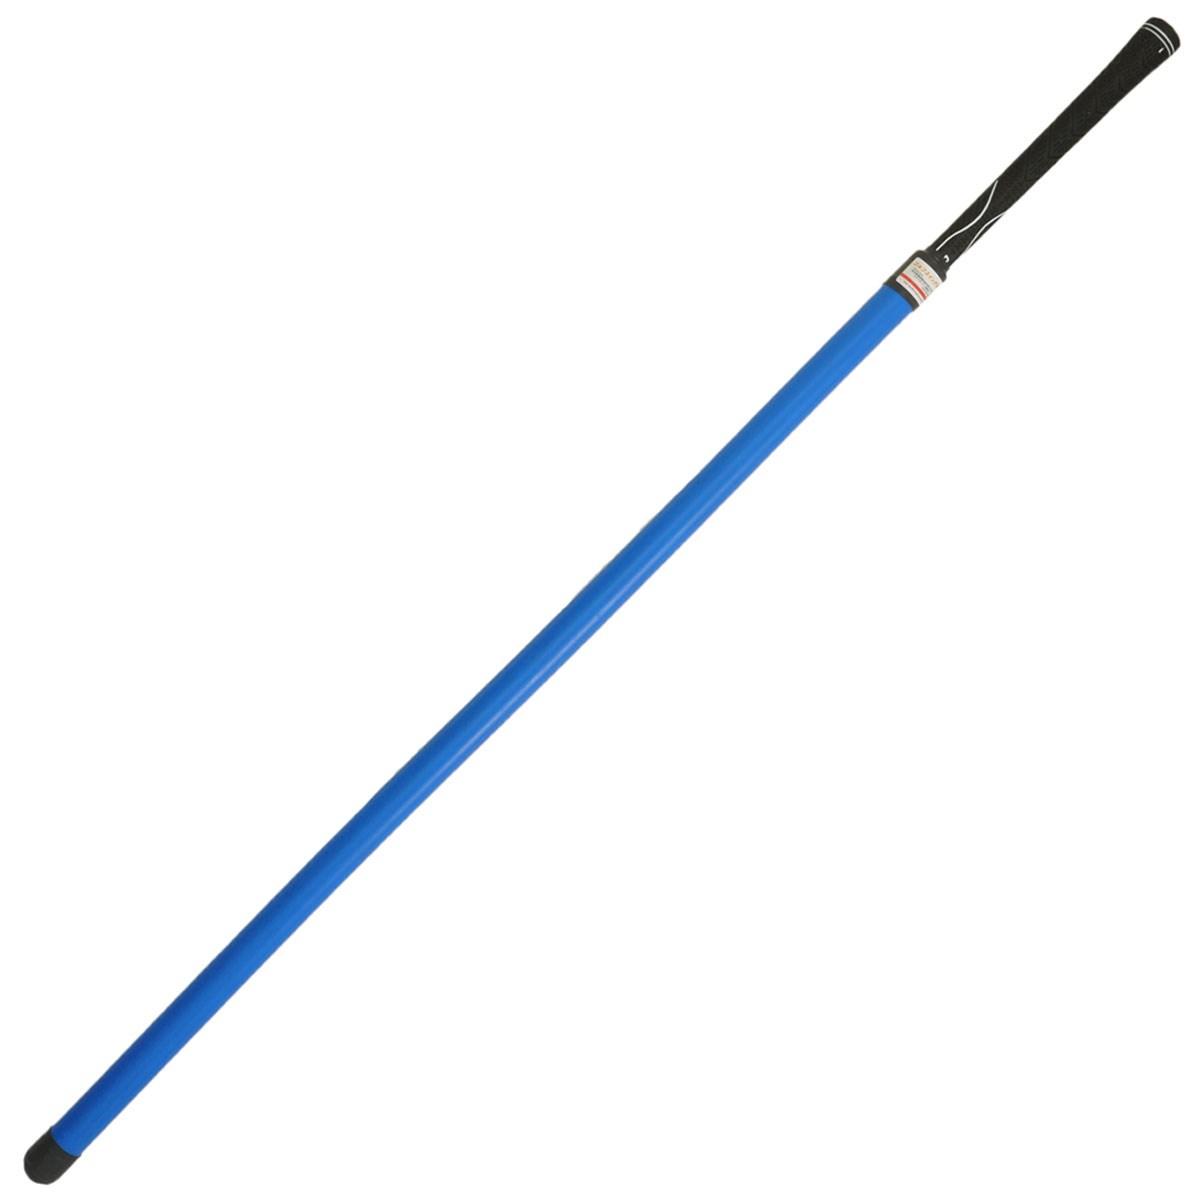 その他メーカー ゴルフスイングホース ノーマルカラーグリップ 練習器具